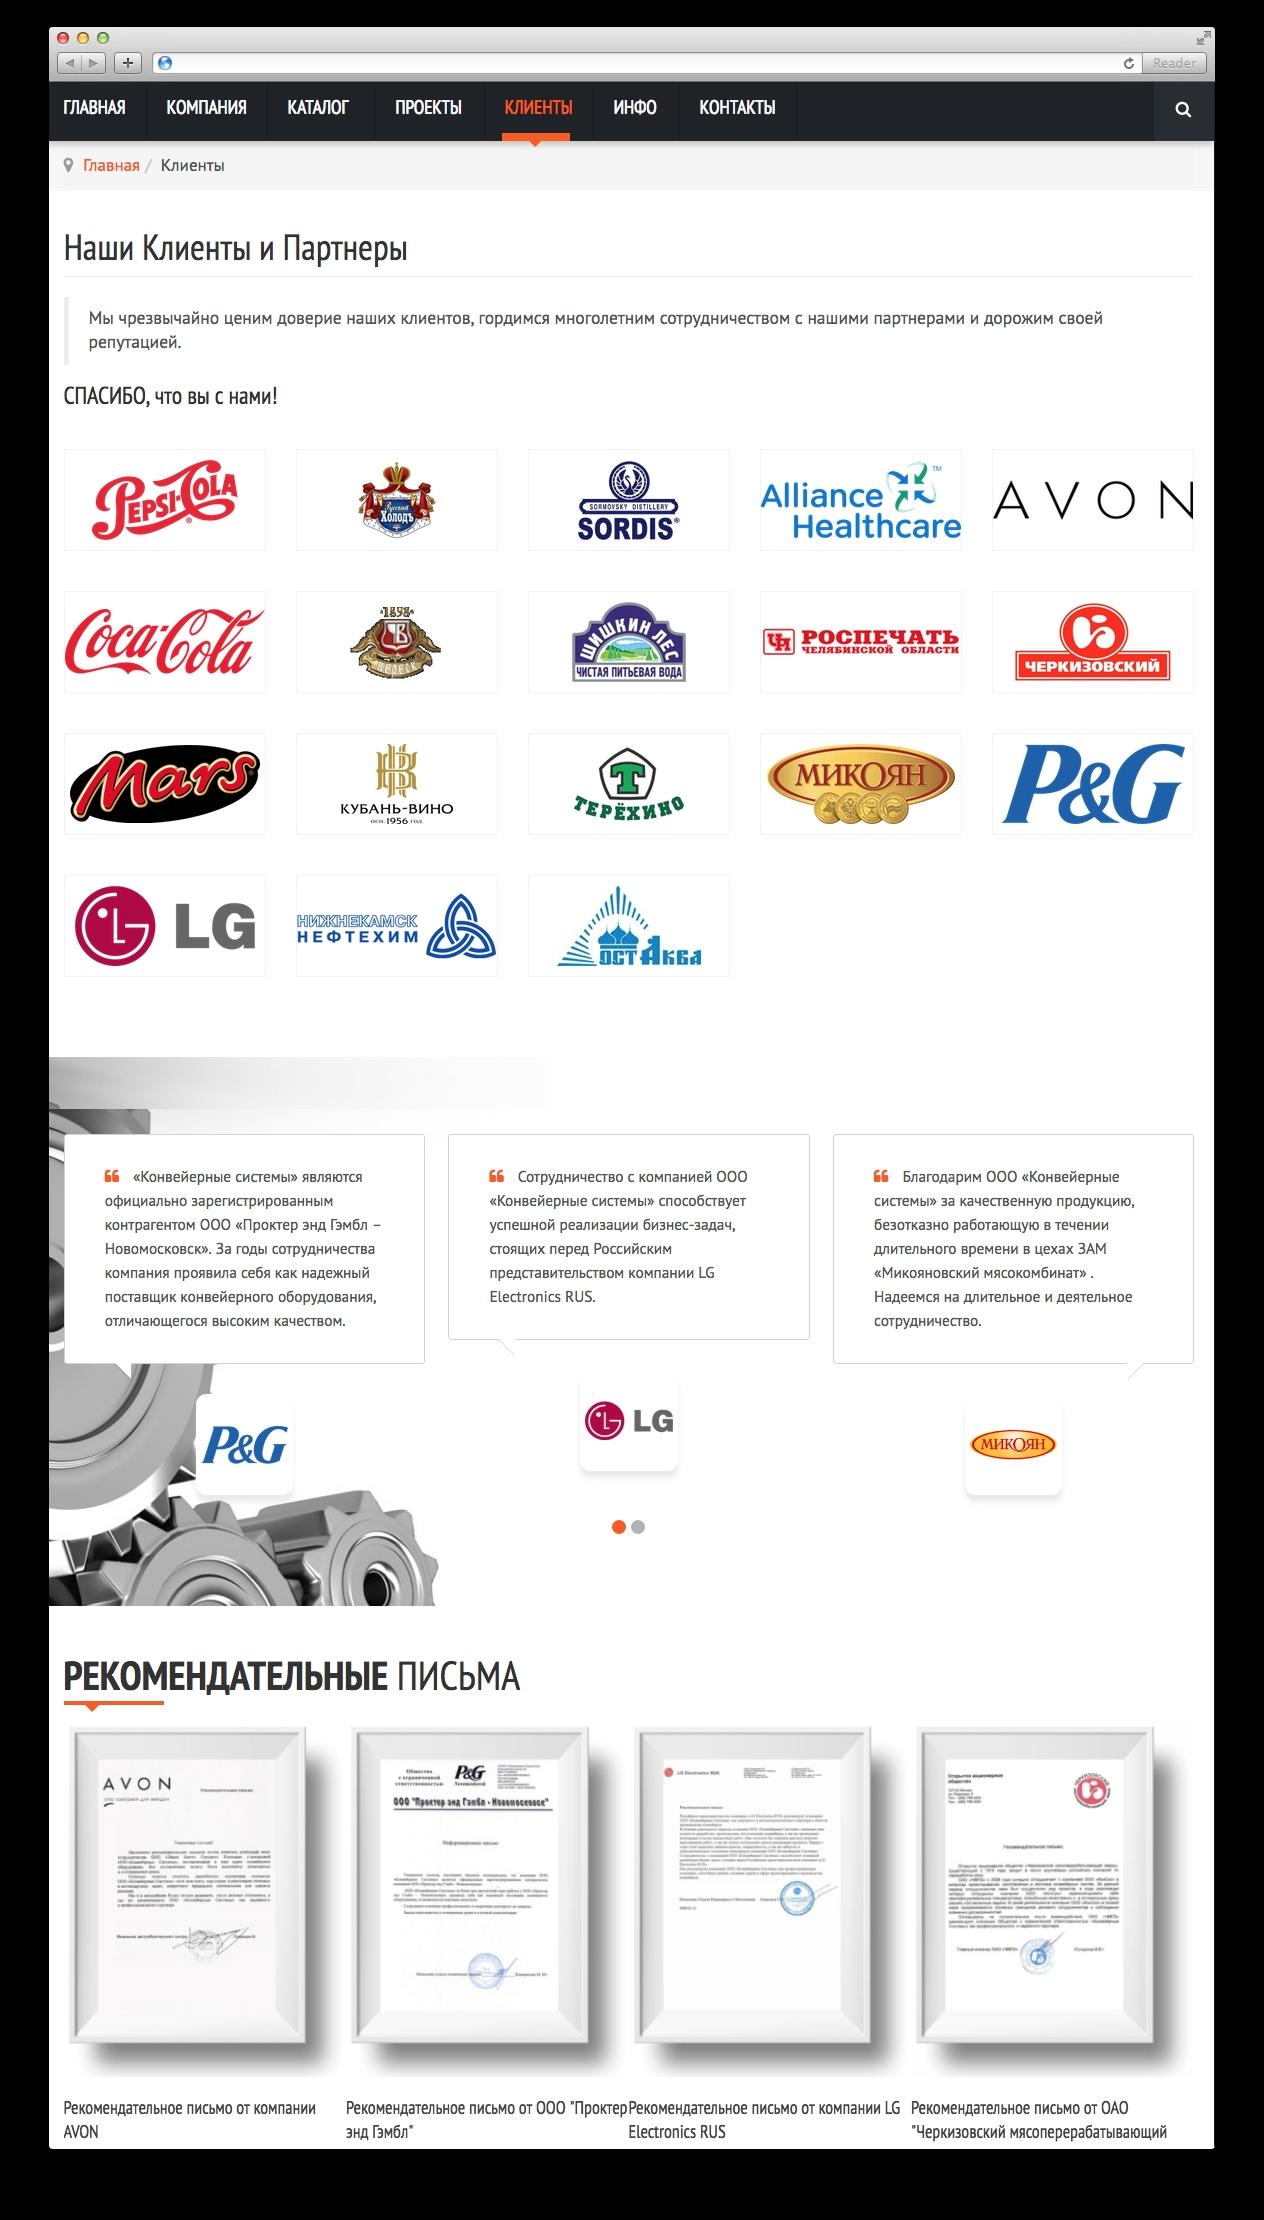 Страница с социальным подтверждением / Логотипы клиентов, отзывы, благодарственные письма